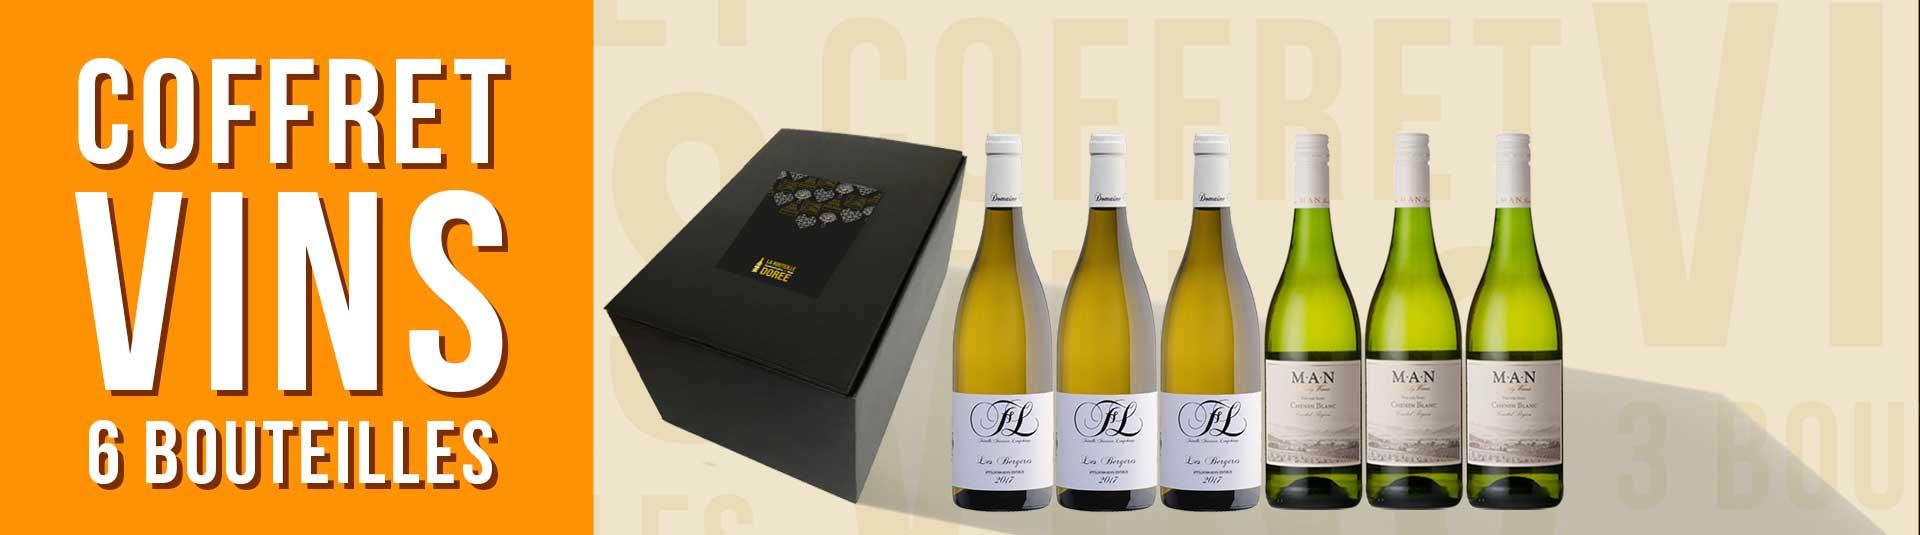 Coffret vin cépage Chenin 6 bouteilles